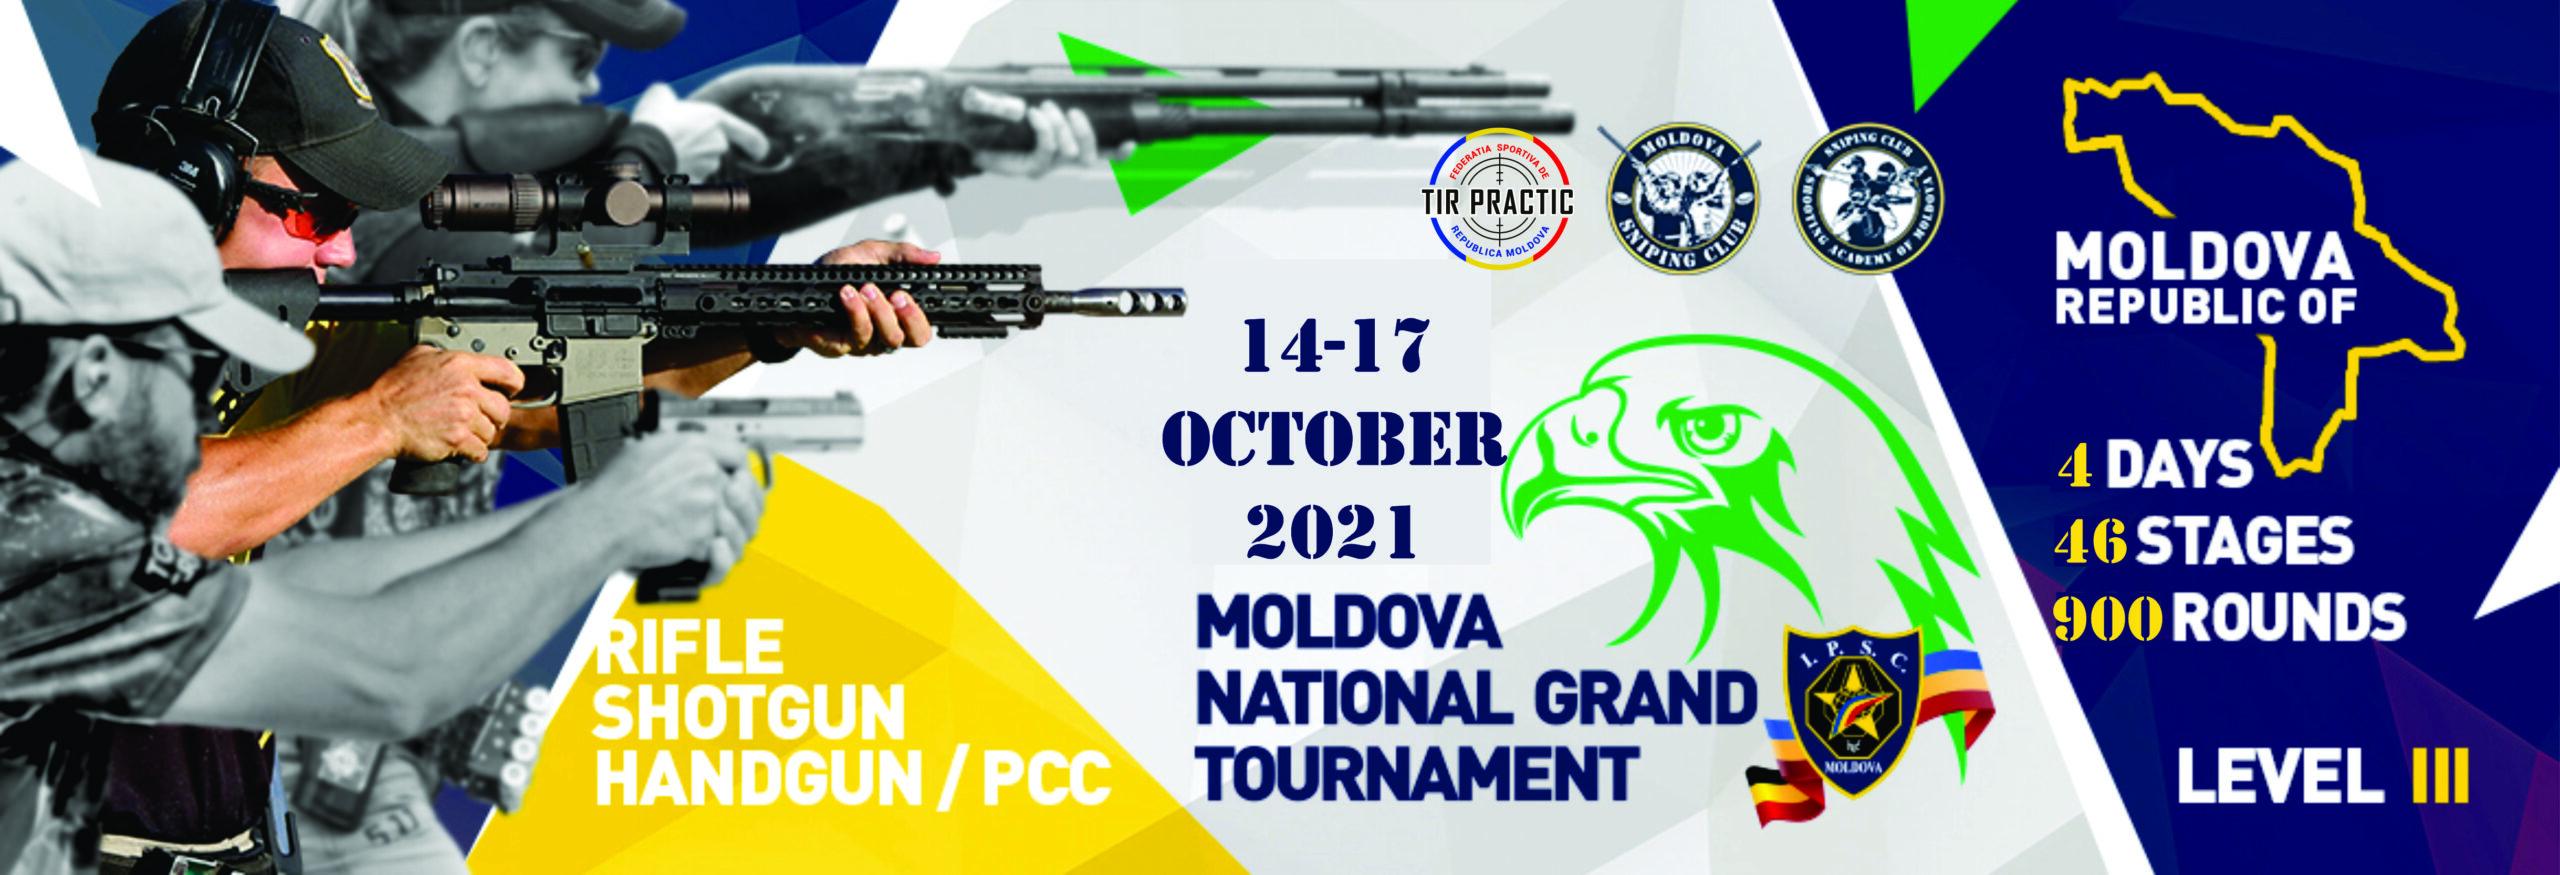 Grand tournament shotgun